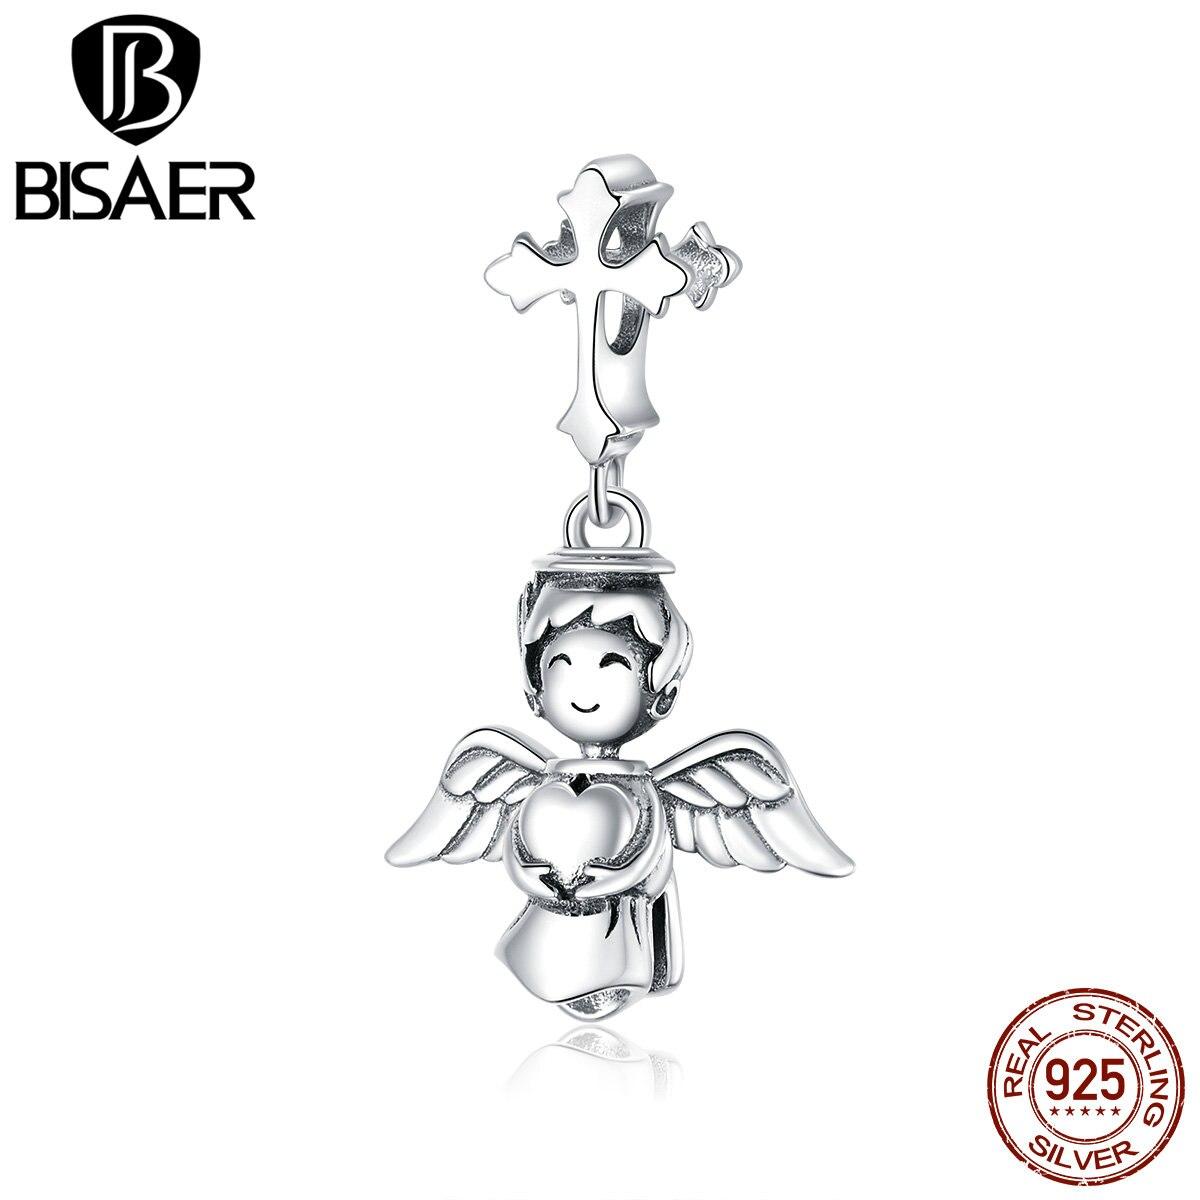 BISAER Lächelnder Engel Charme 925 Sterling Silber Engel hält Liebe Perle Anhänger DIY Armbänder Halskette Für Weibliche Schmuck EFC316